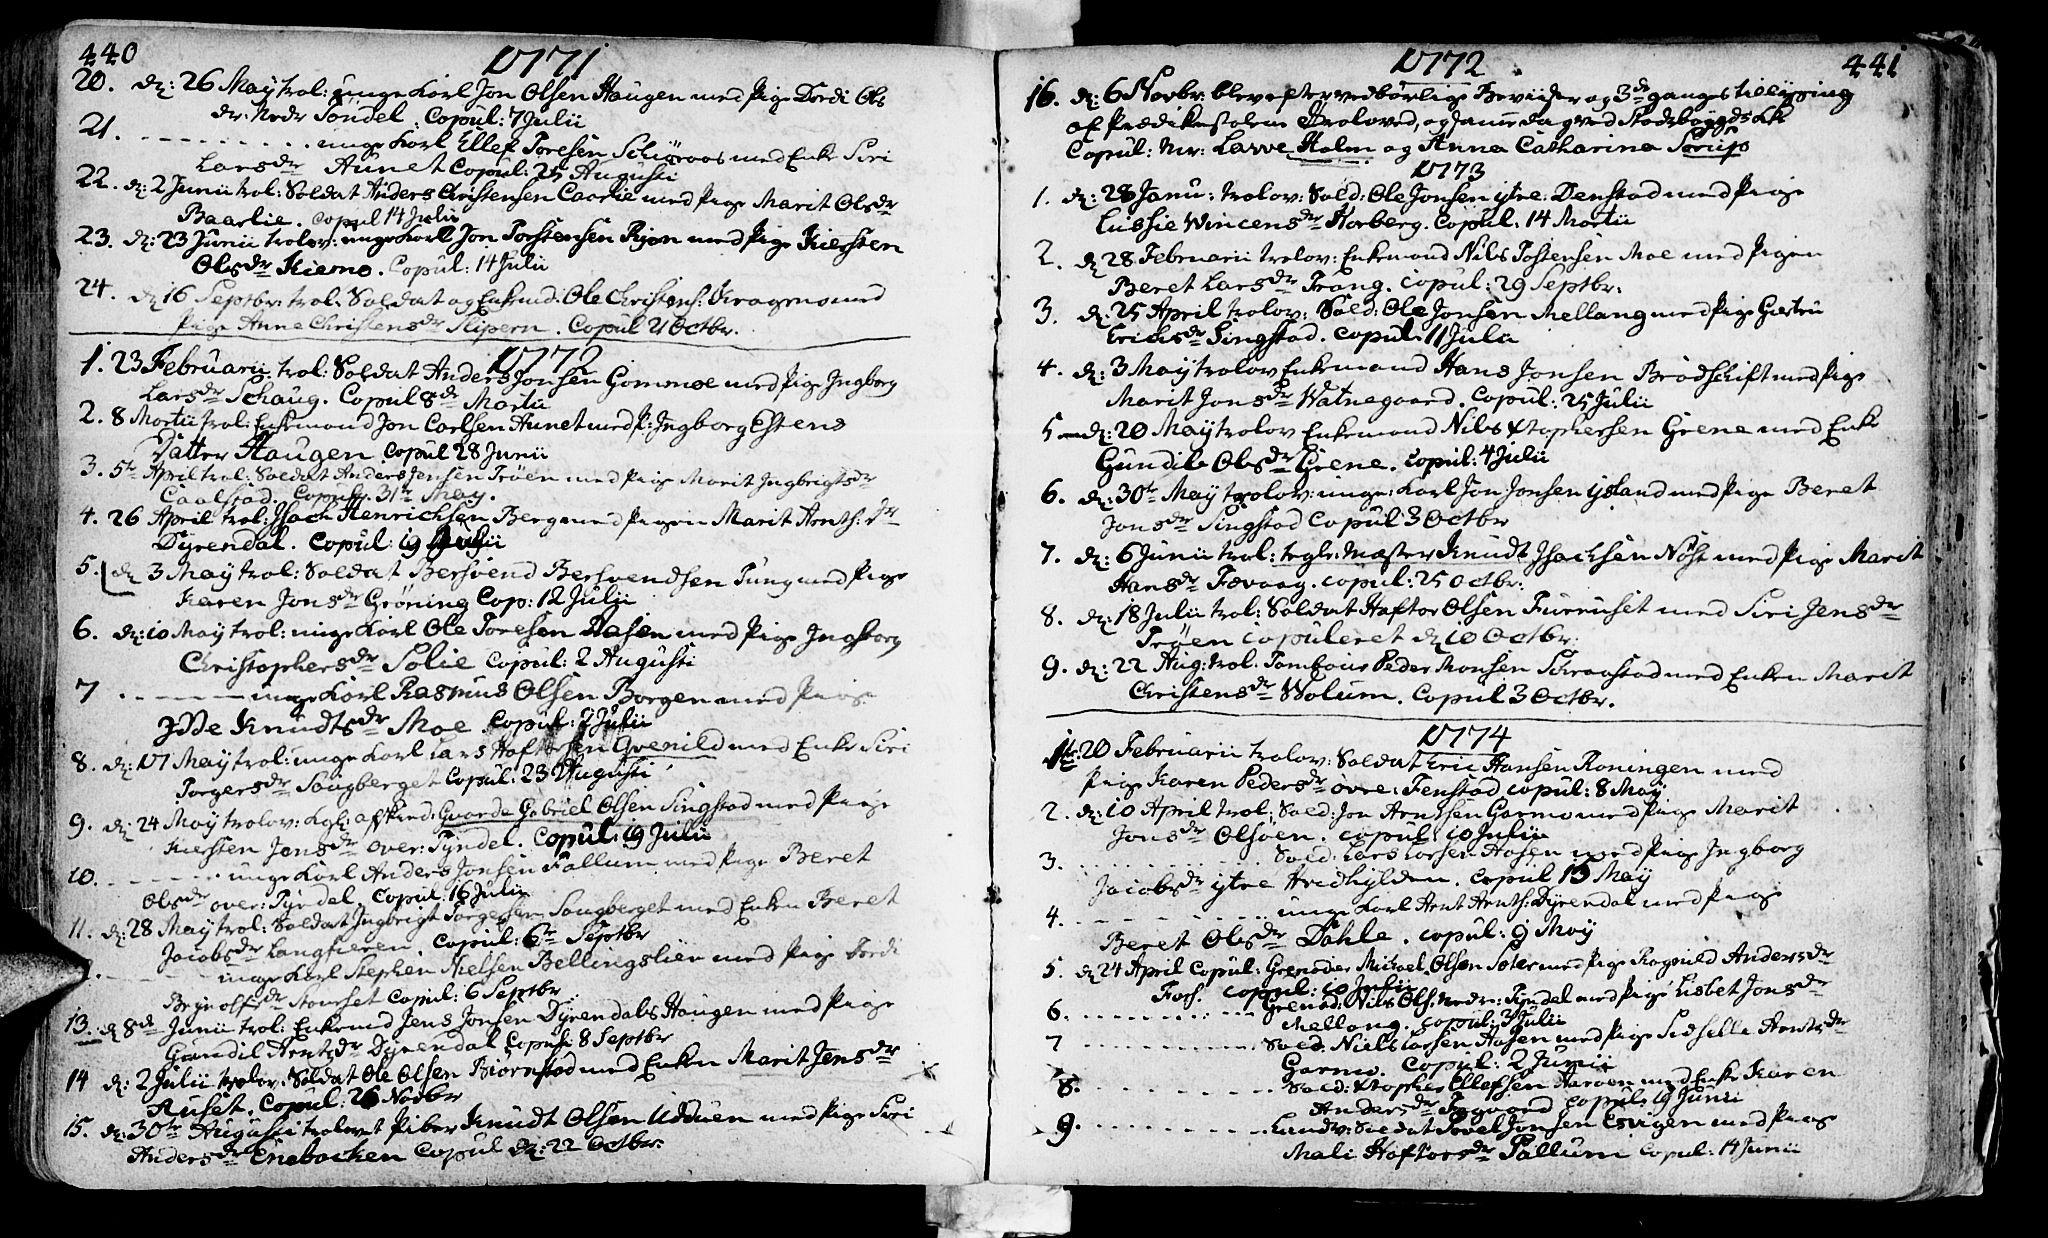 SAT, Ministerialprotokoller, klokkerbøker og fødselsregistre - Sør-Trøndelag, 646/L0605: Ministerialbok nr. 646A03, 1751-1790, s. 440-441